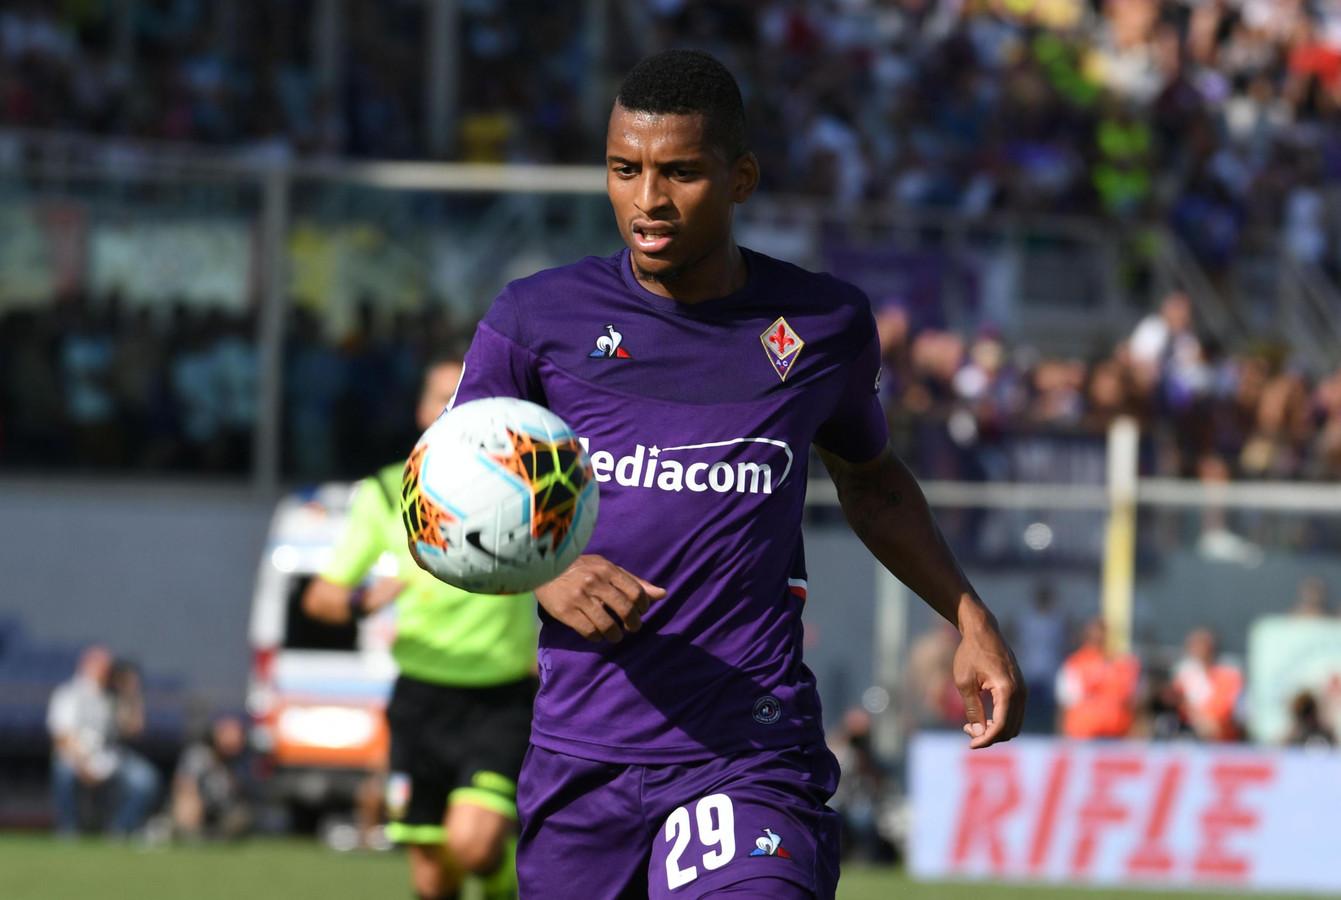 De Braziliaanse middenvelder Dalbert van Fiorentina was vanmiddag het slachtoffer van racisme.